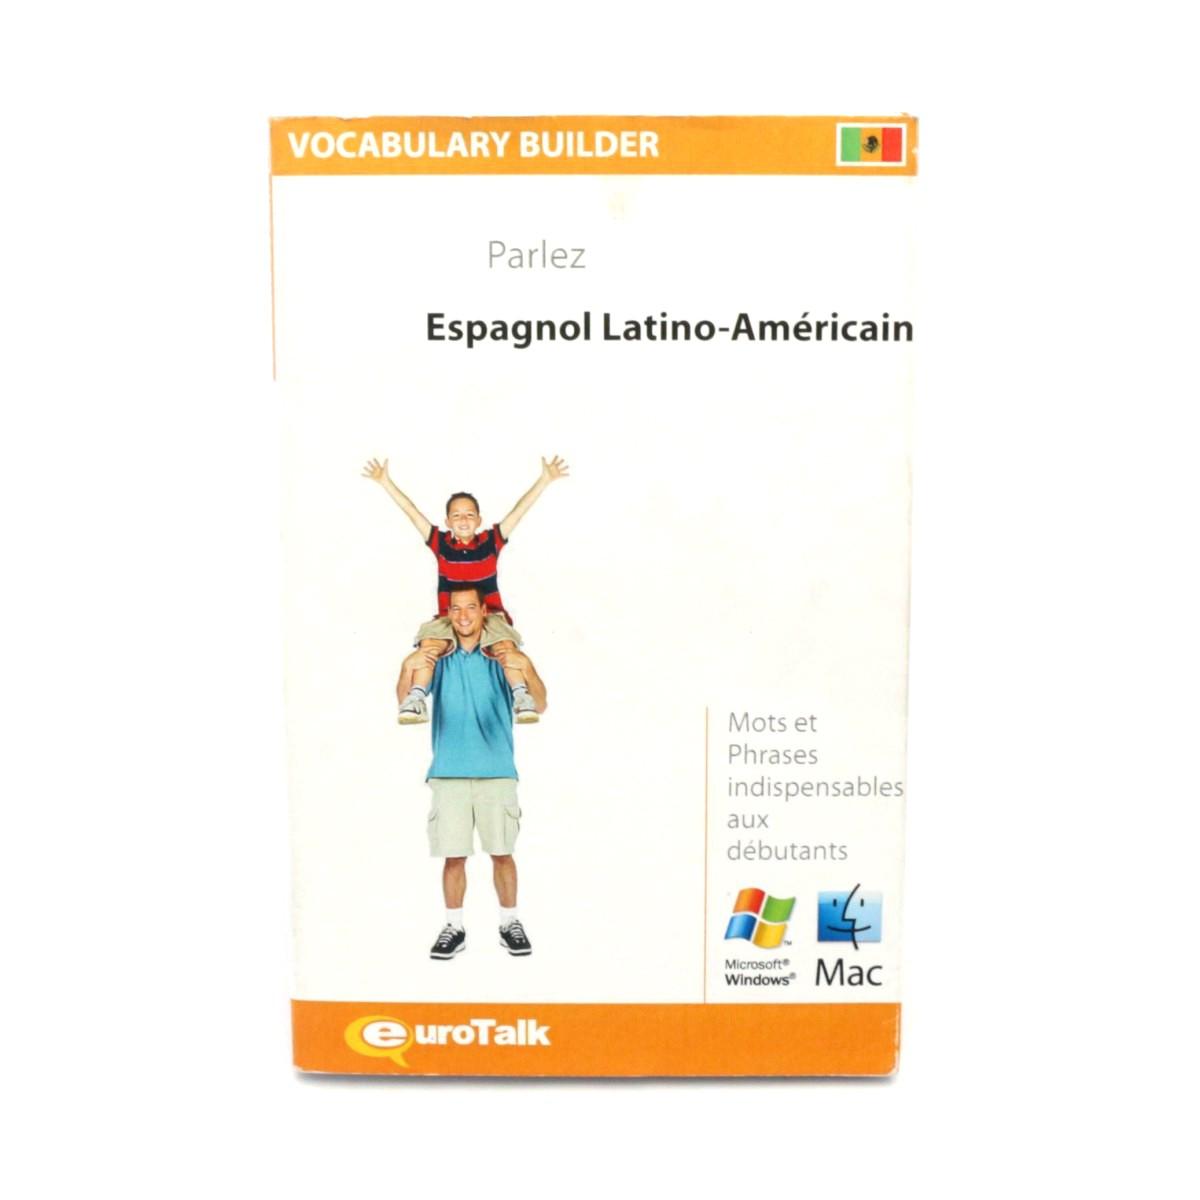 EuroTalk Vocabulary Builder Espagnol Latino-Américain / Lateinamerikanisches Spanisch